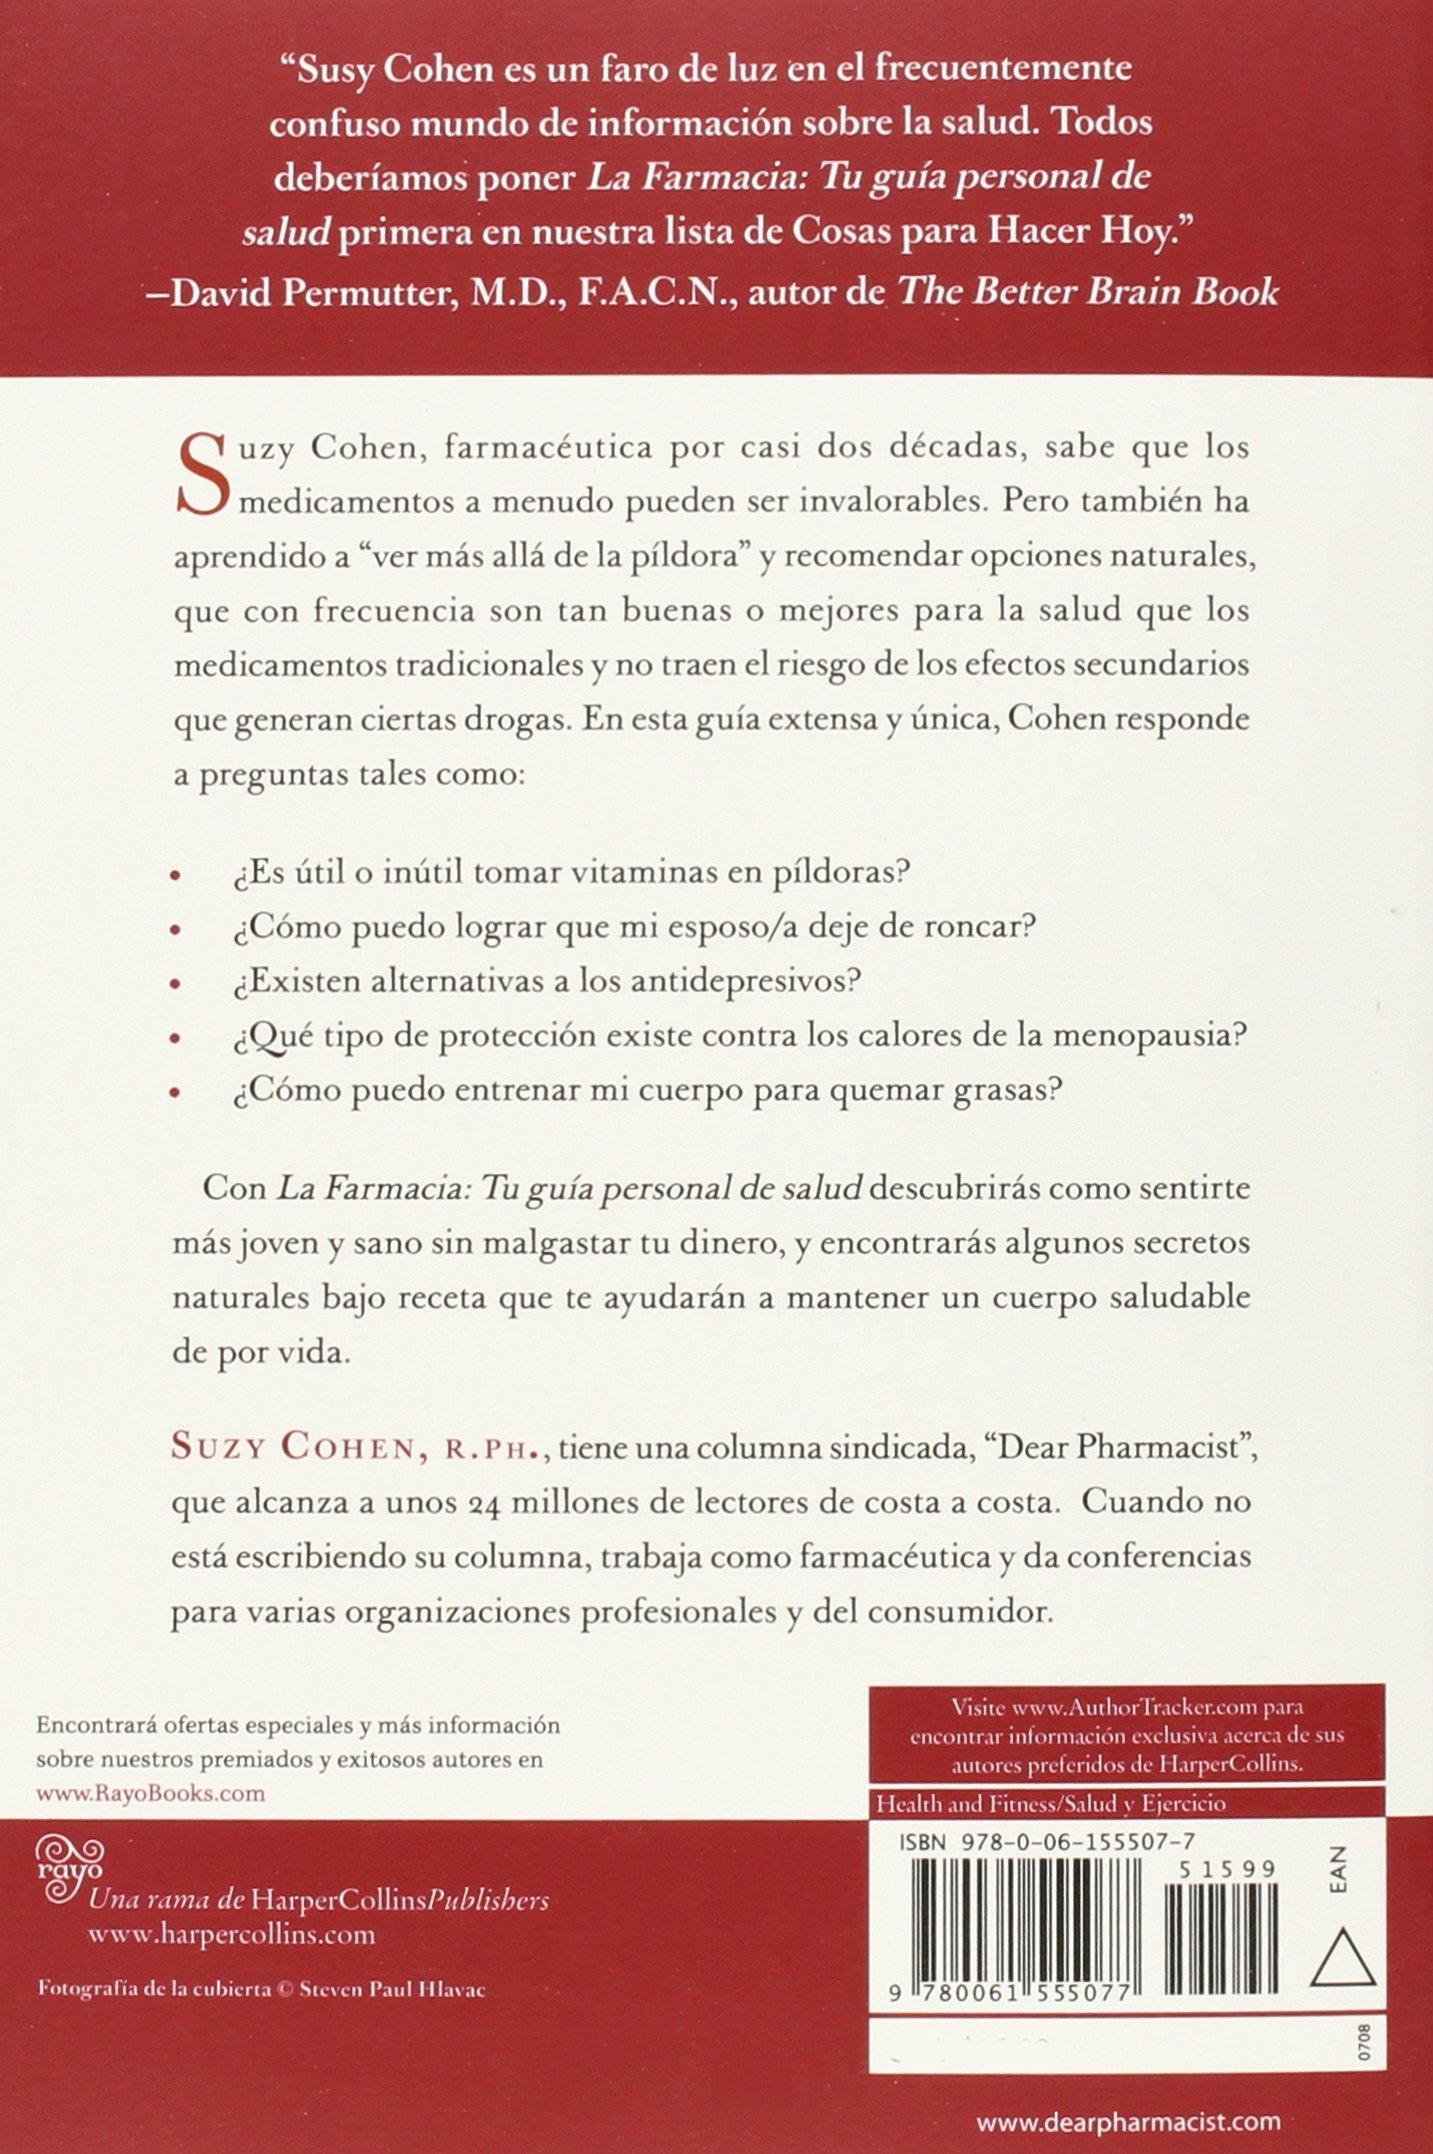 La Farmacia: Tu Guia Personal de Salud: Consejos Asombrosos de la Farmaceutica Mas Respetada de Estados Unidos: Amazon.es: Suzy Cohen, Adriana Delgado: ...